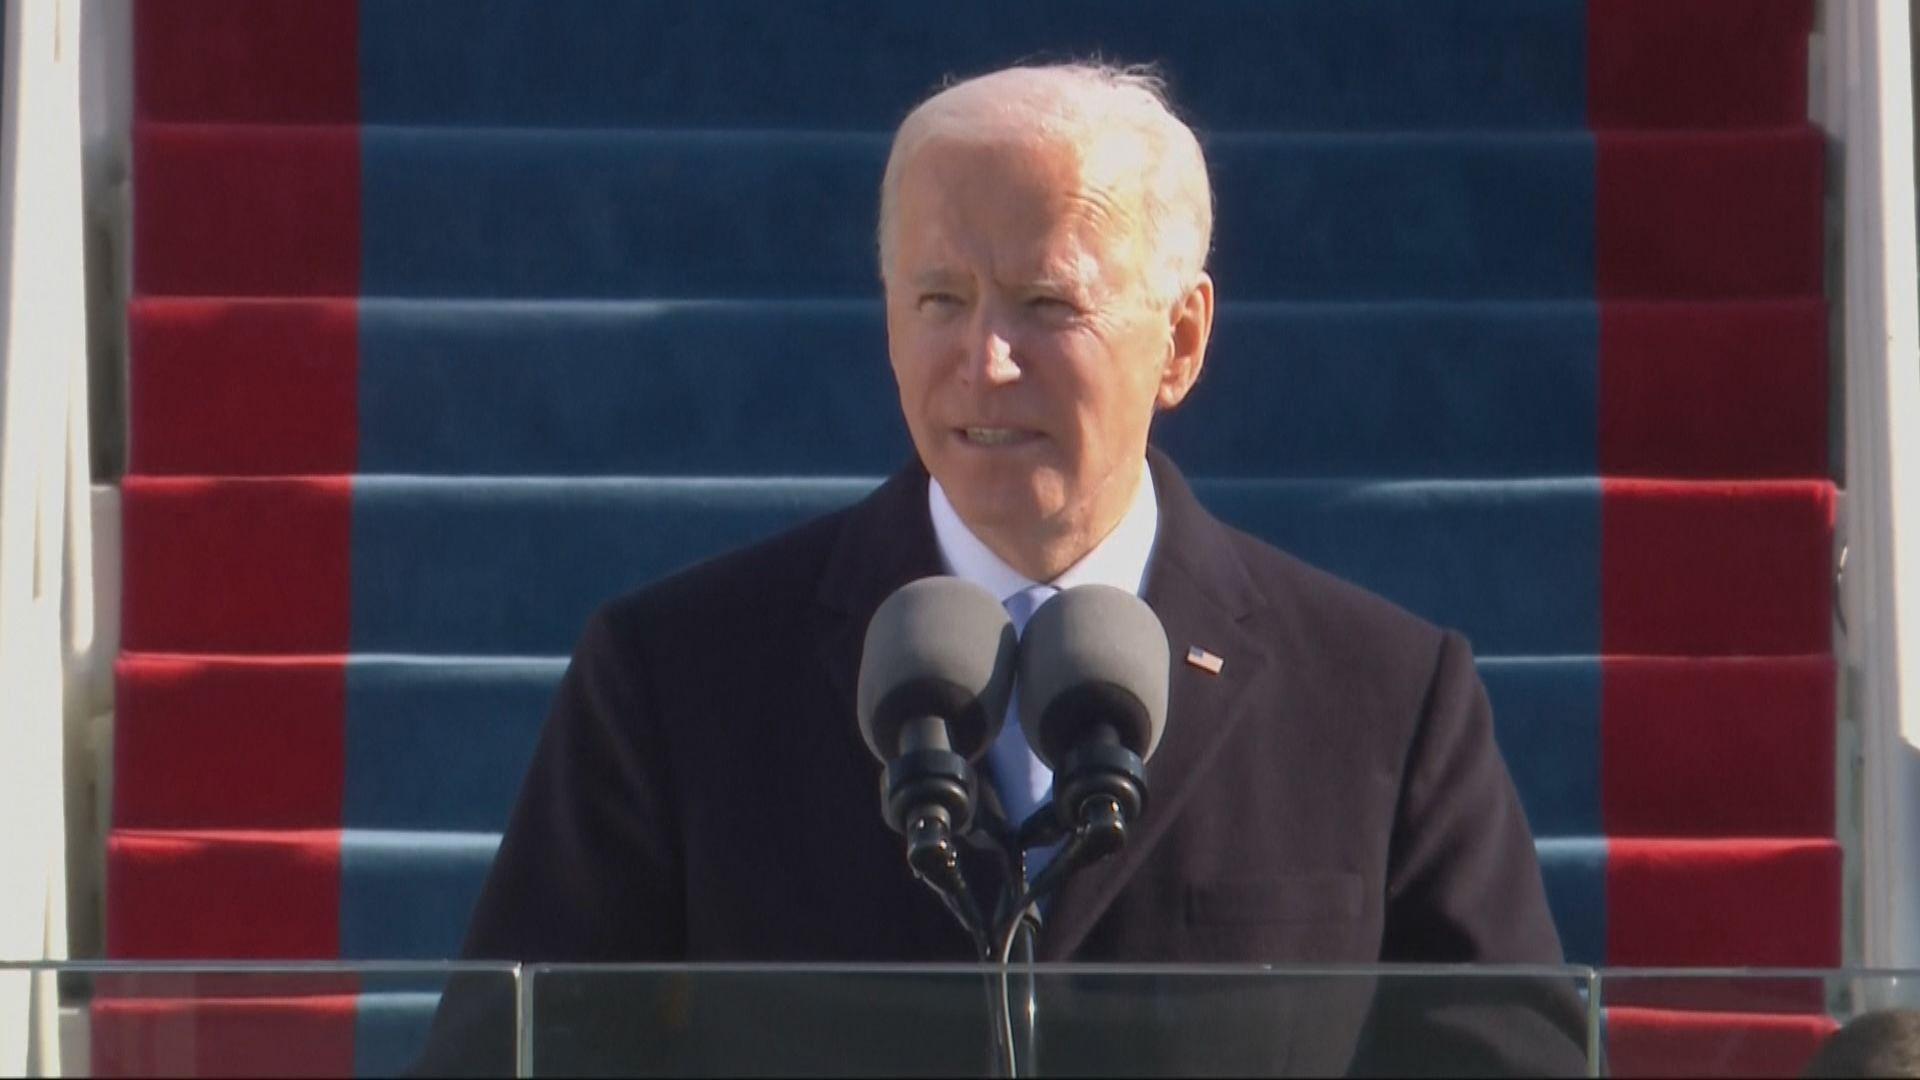 拜登就職承諾成為所有美國人總統 籲國民團結摒棄分歧